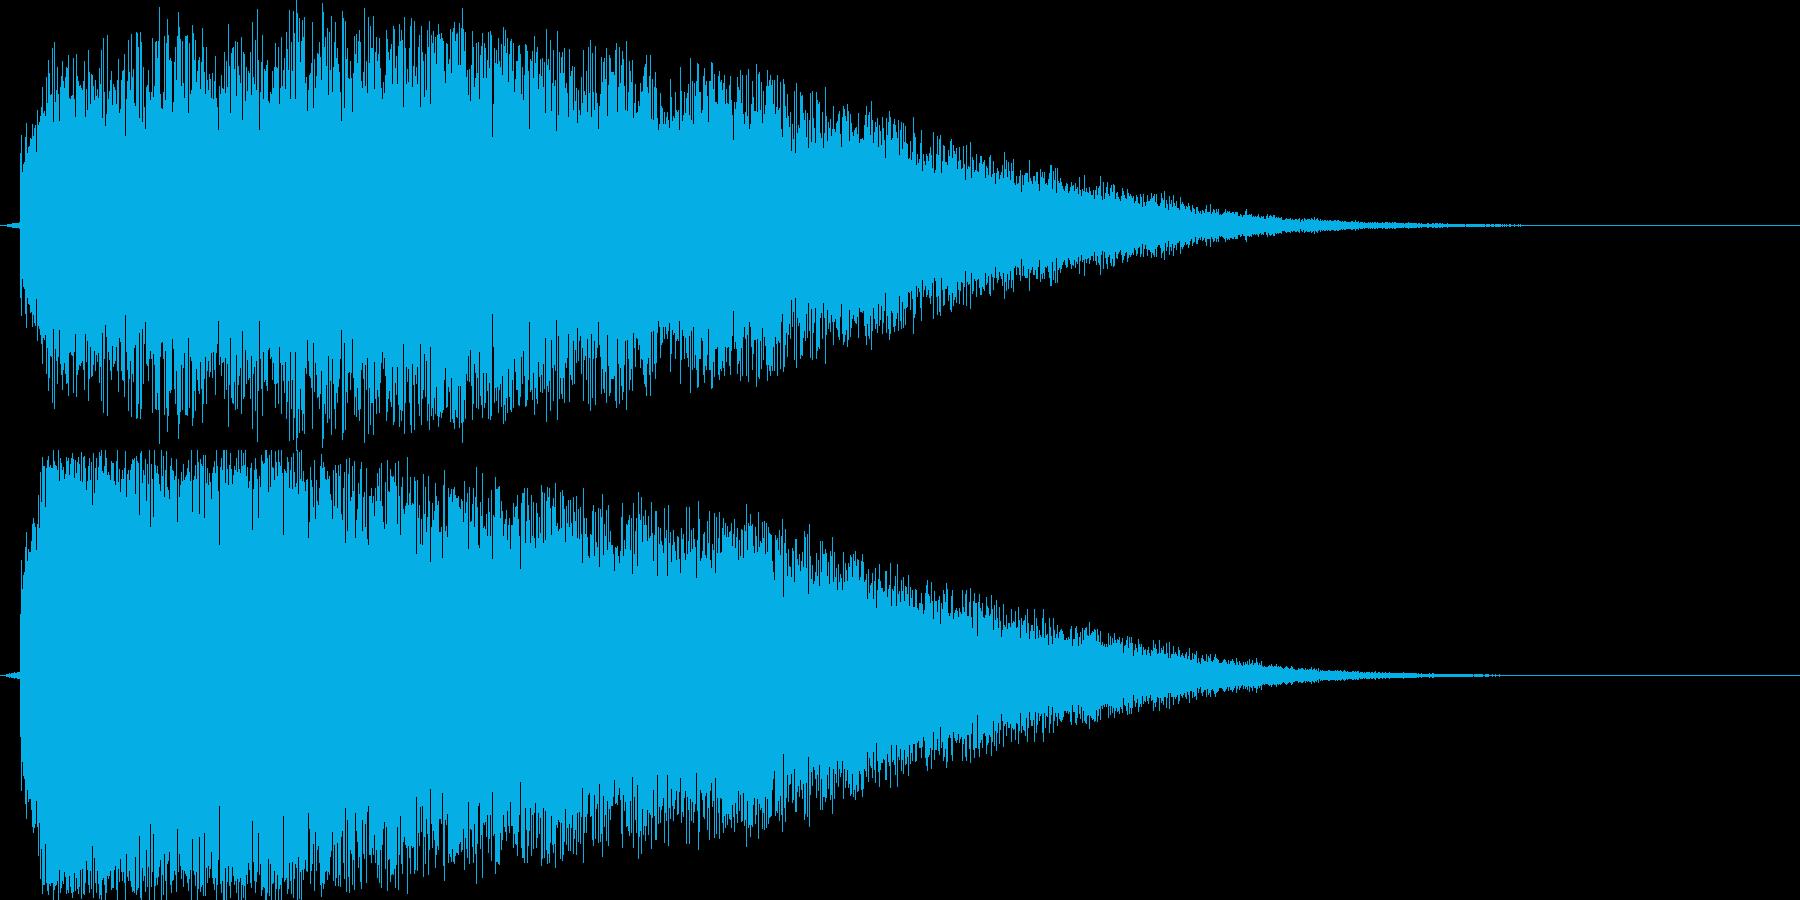 キュイーーン!(アイテム獲得)の再生済みの波形